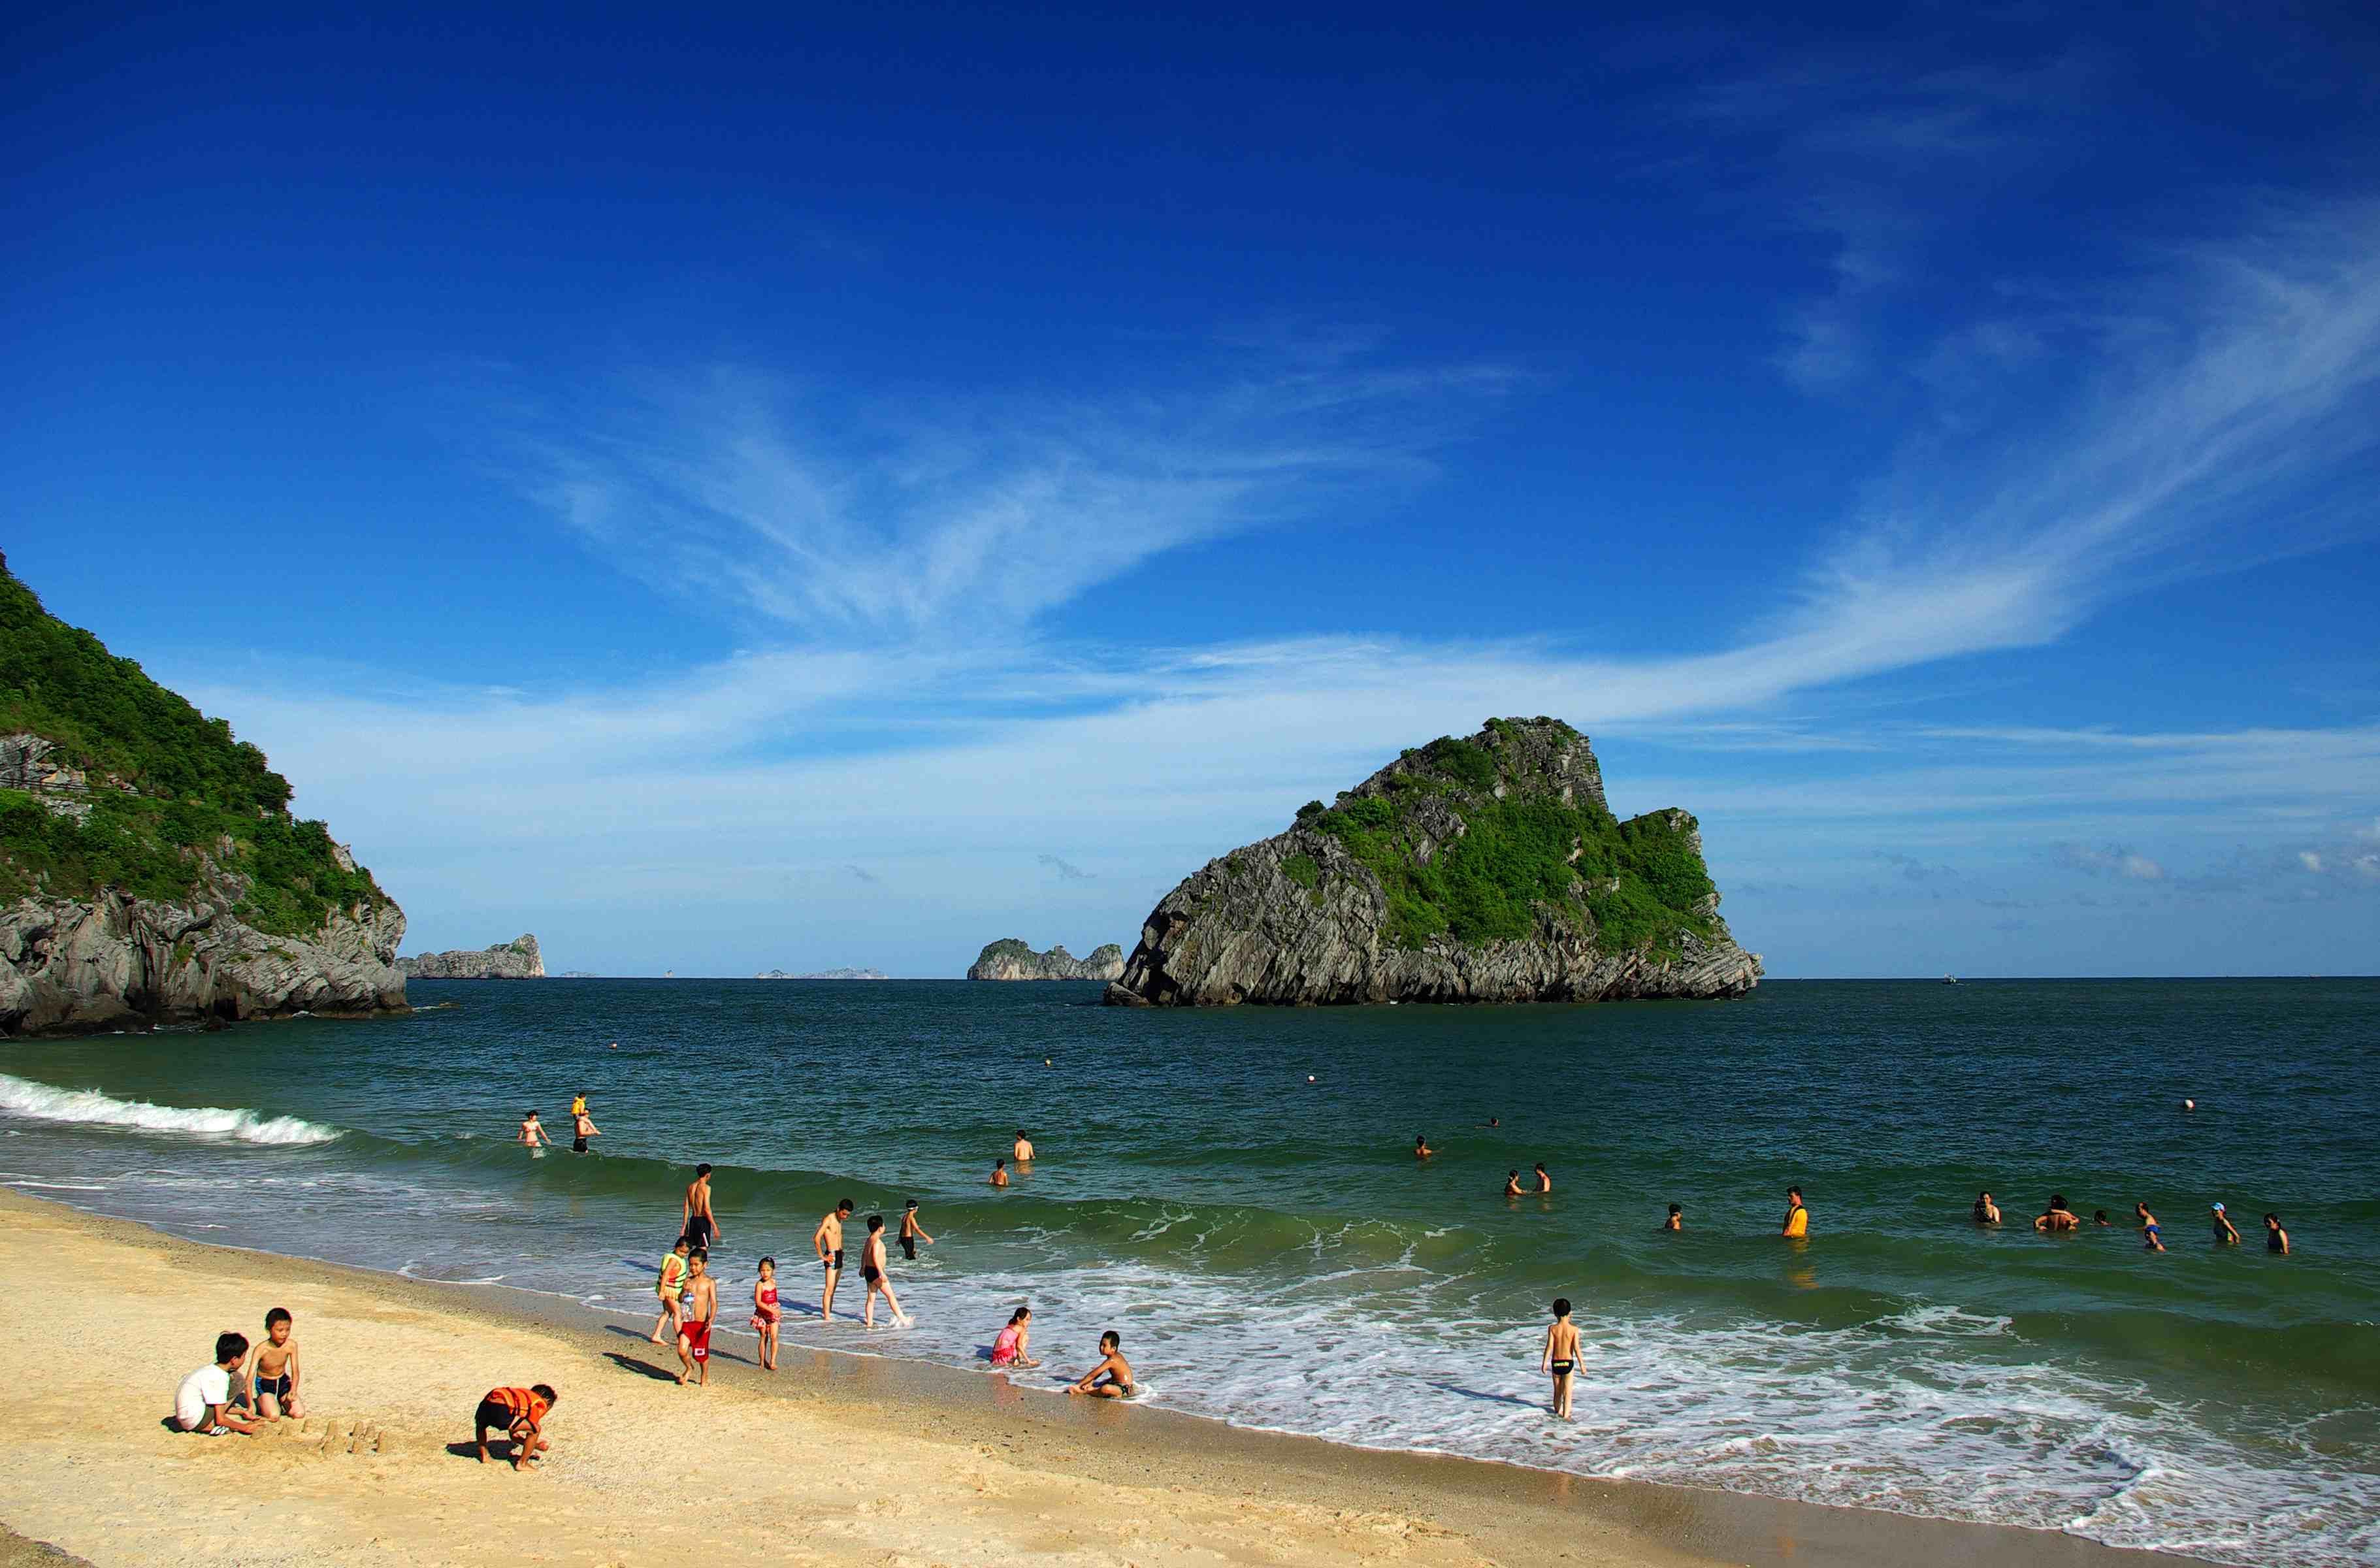 biển miền Bắc - Du lịch nghỉ dưỡng miền Bắc